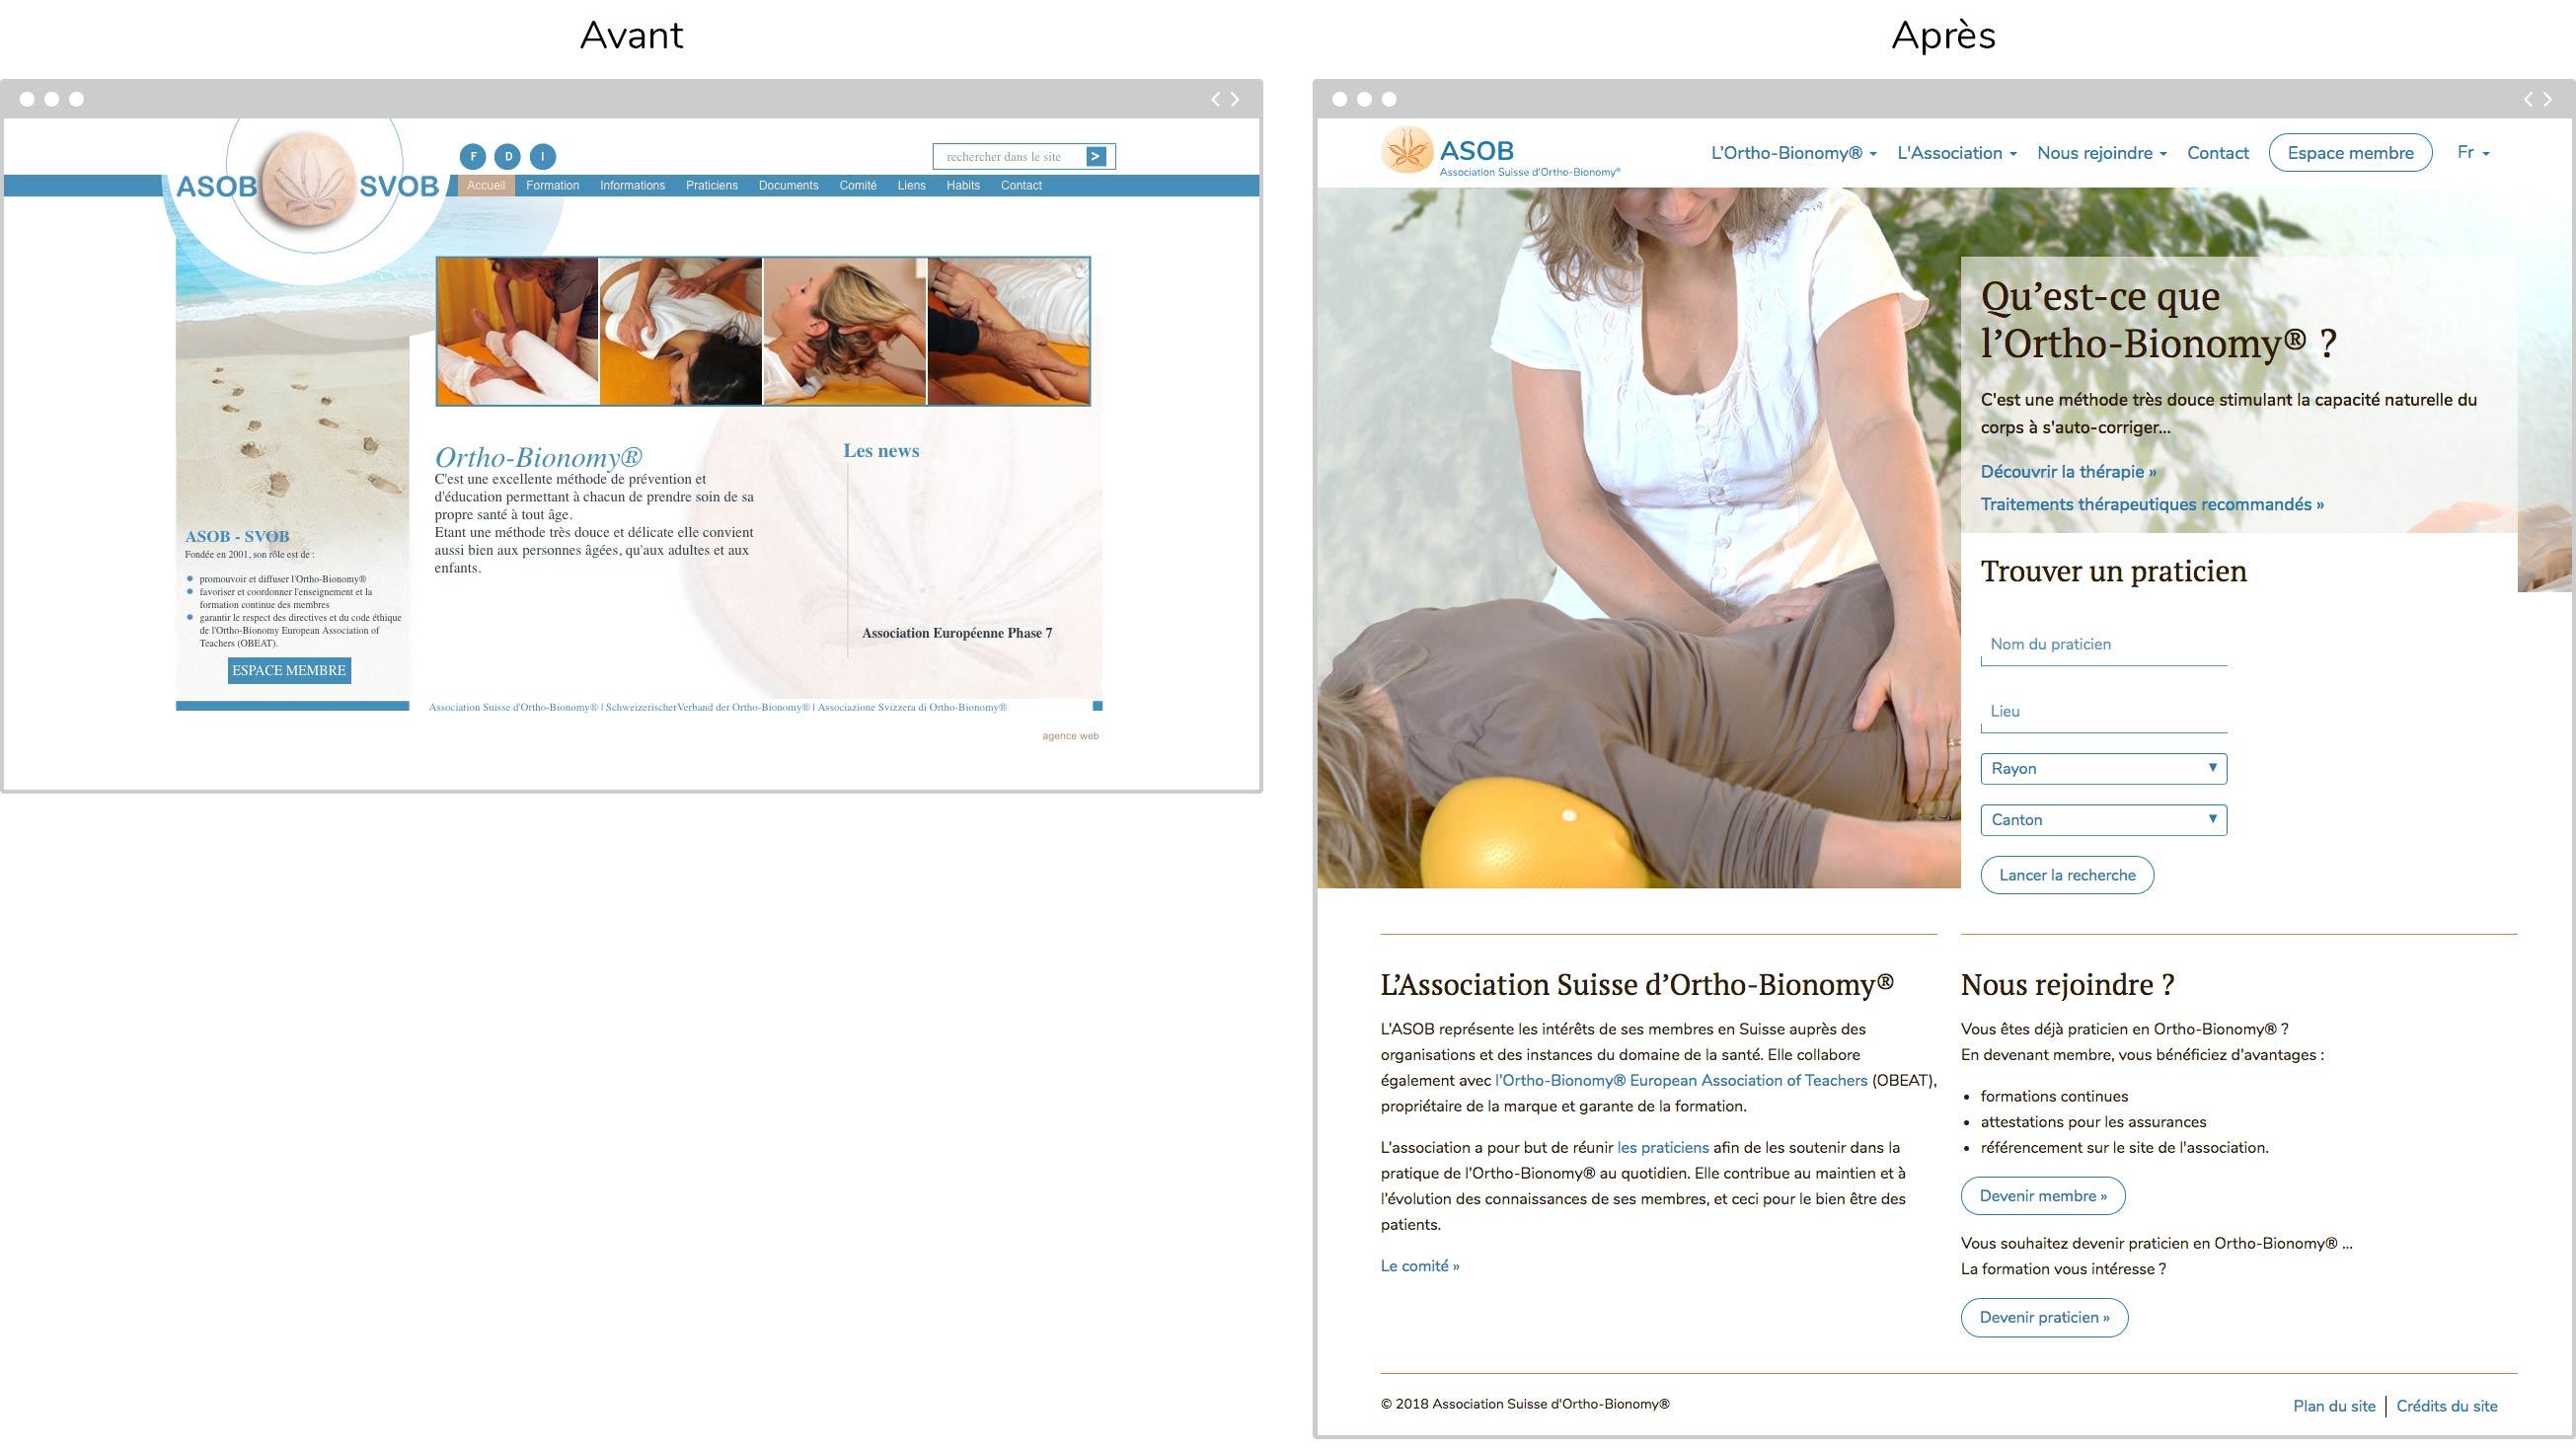 Page d'accueil avant / après